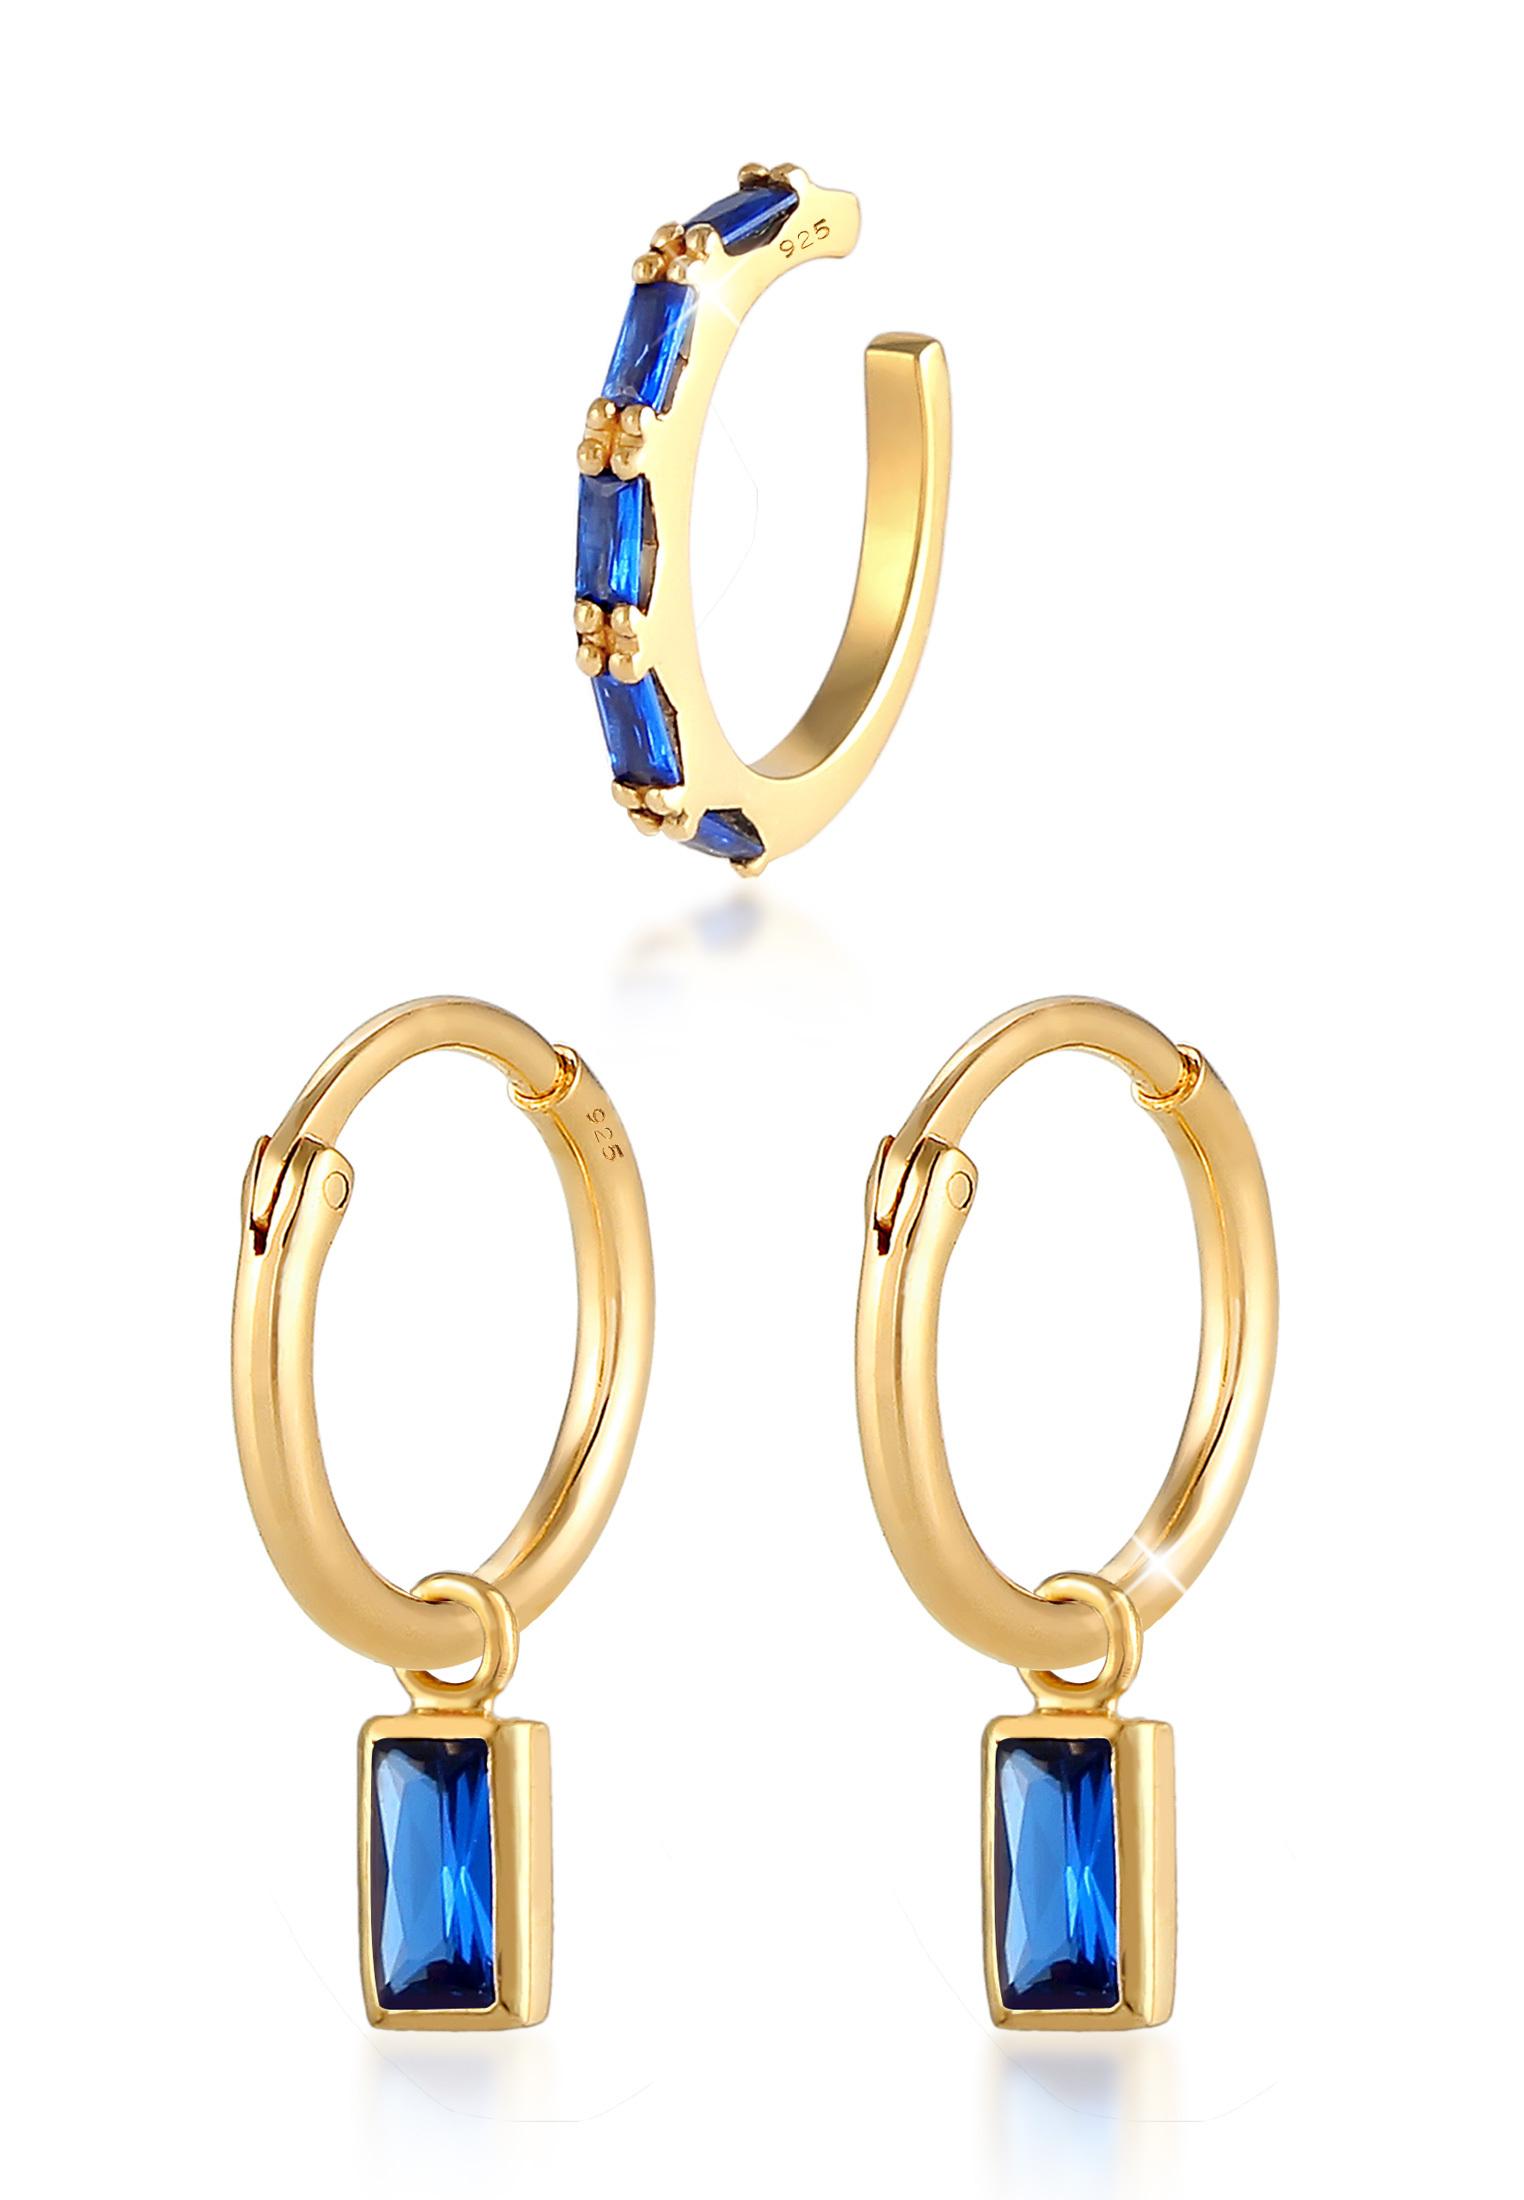 Ohrringset   Saphir ( Blau )   925 Sterling Silber vergoldet